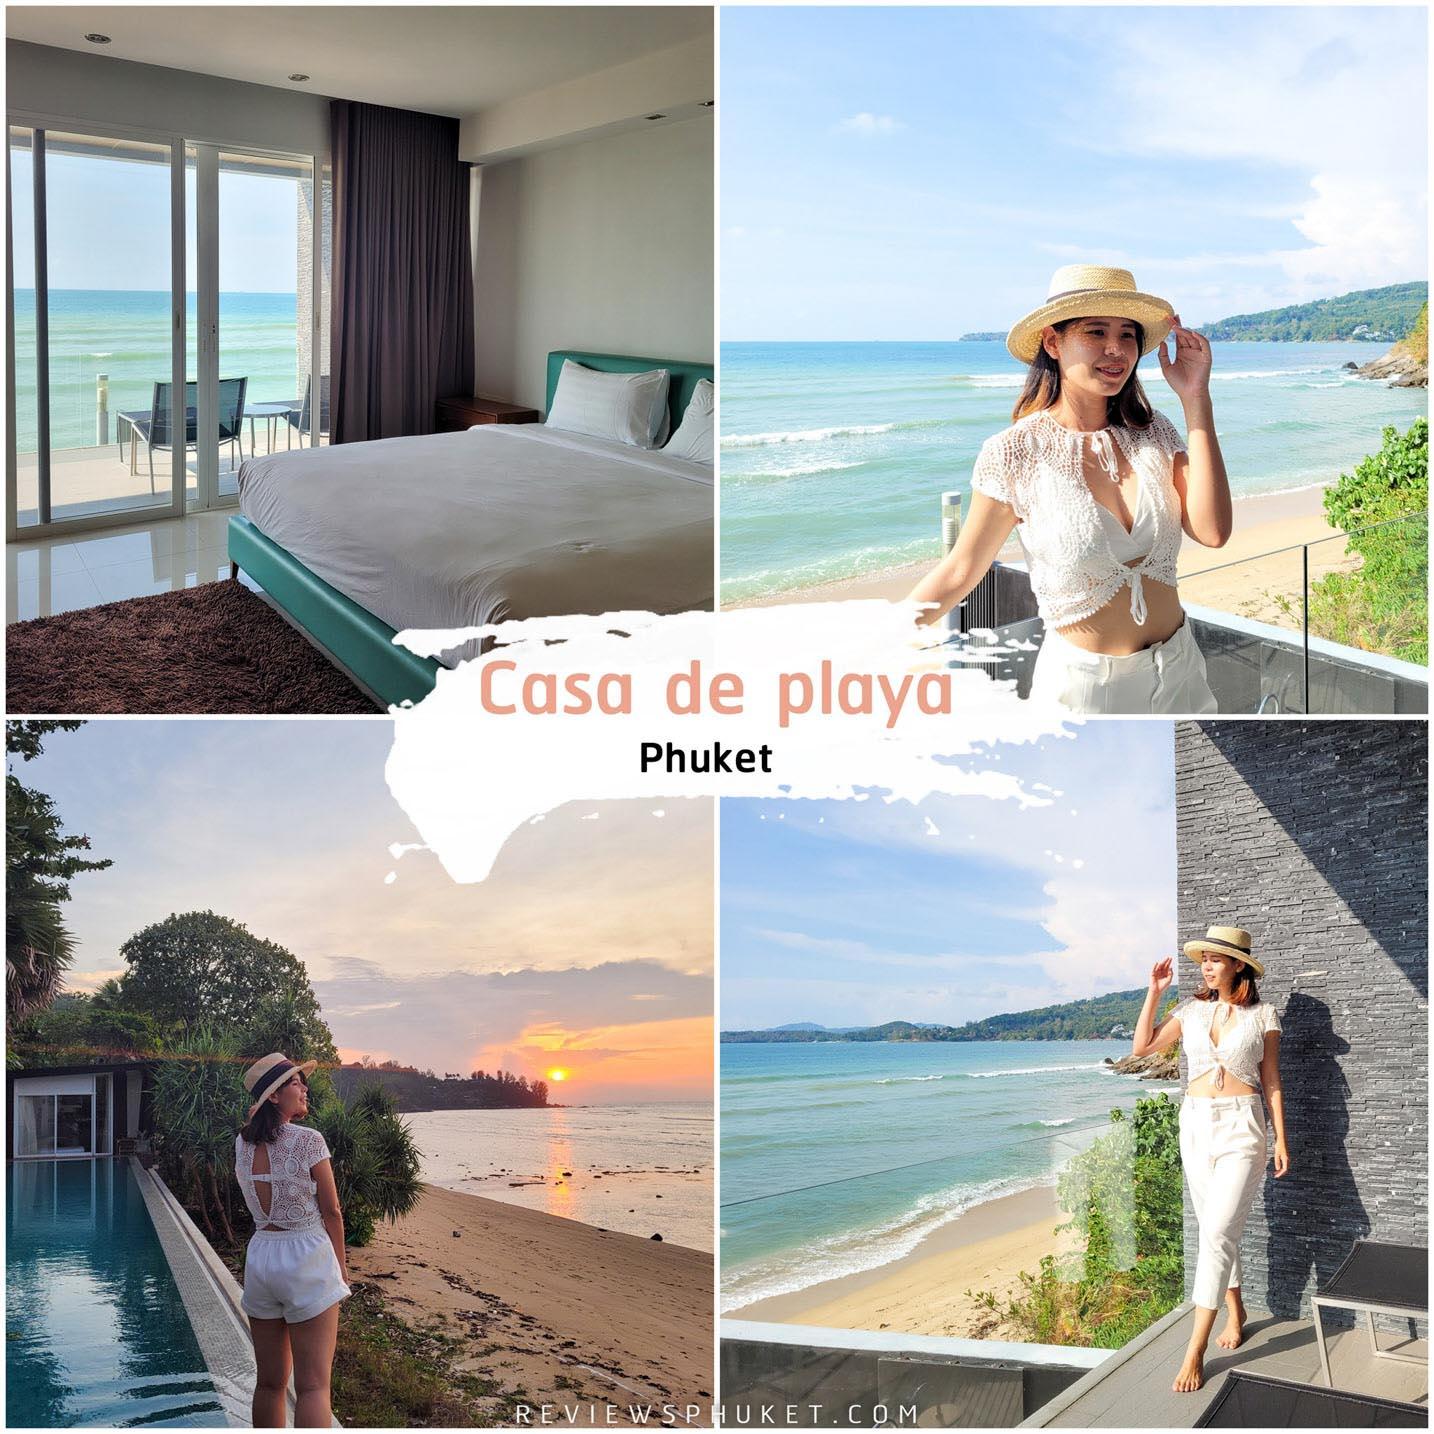 Casa De playa Phuket